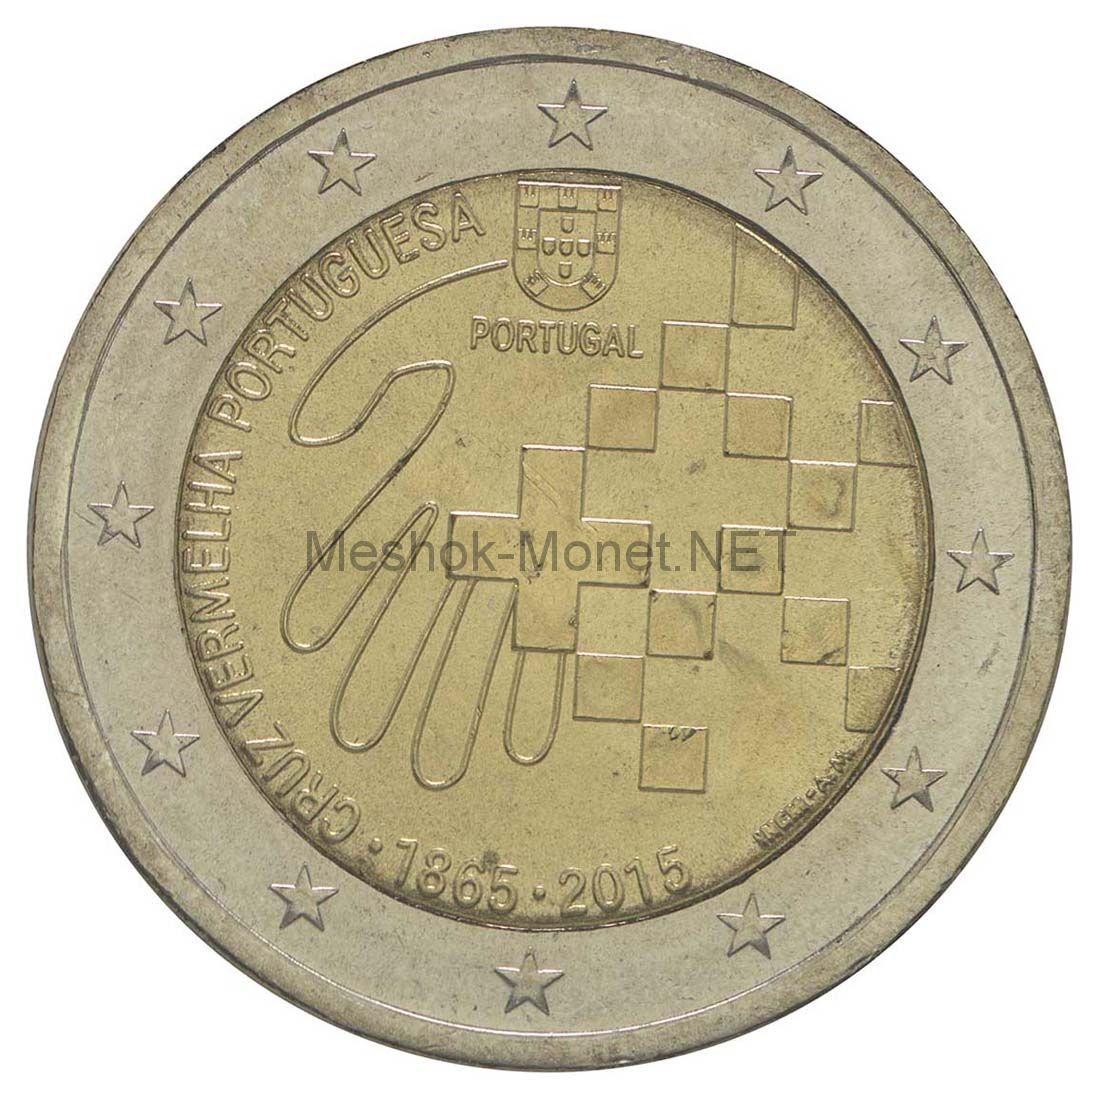 Португалия 2 евро 2015, 150 лет Португальскому Красному Кресту